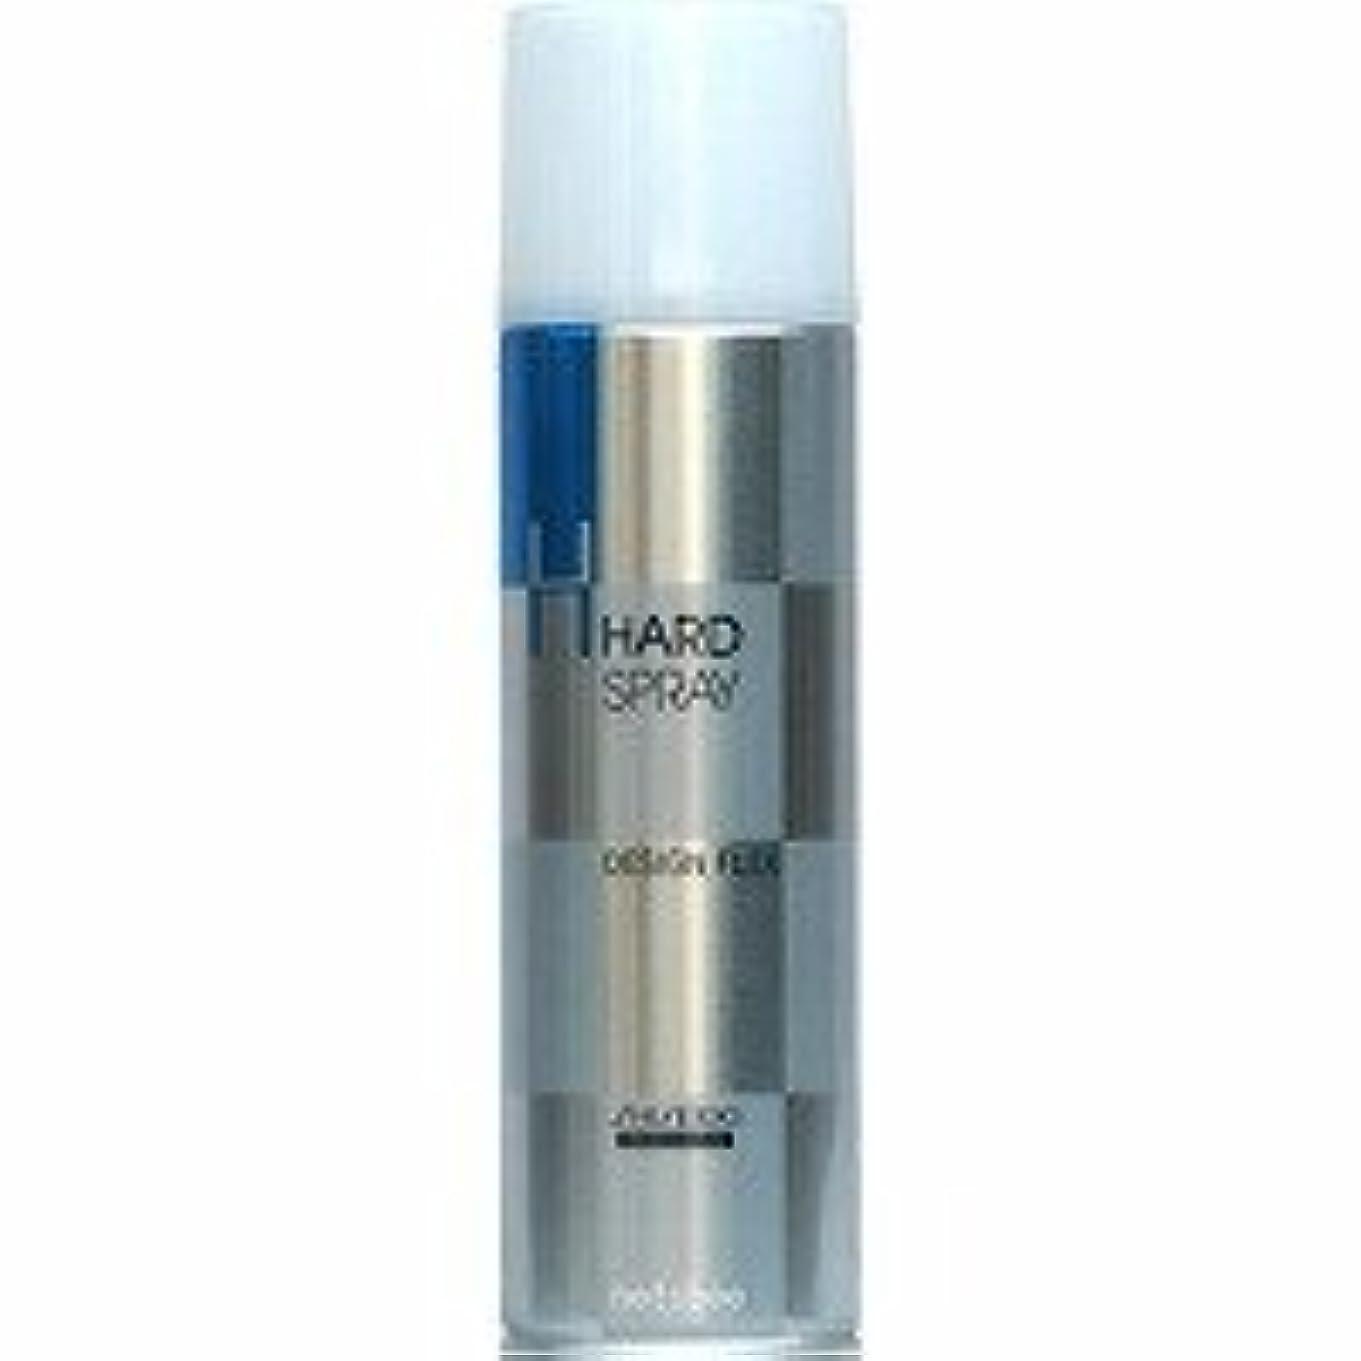 誰か評価ベスト【X3個セット】 資生堂プロフェッショナル デザインフレックス ハードスプレー 260g shiseido PROFESSIONAL